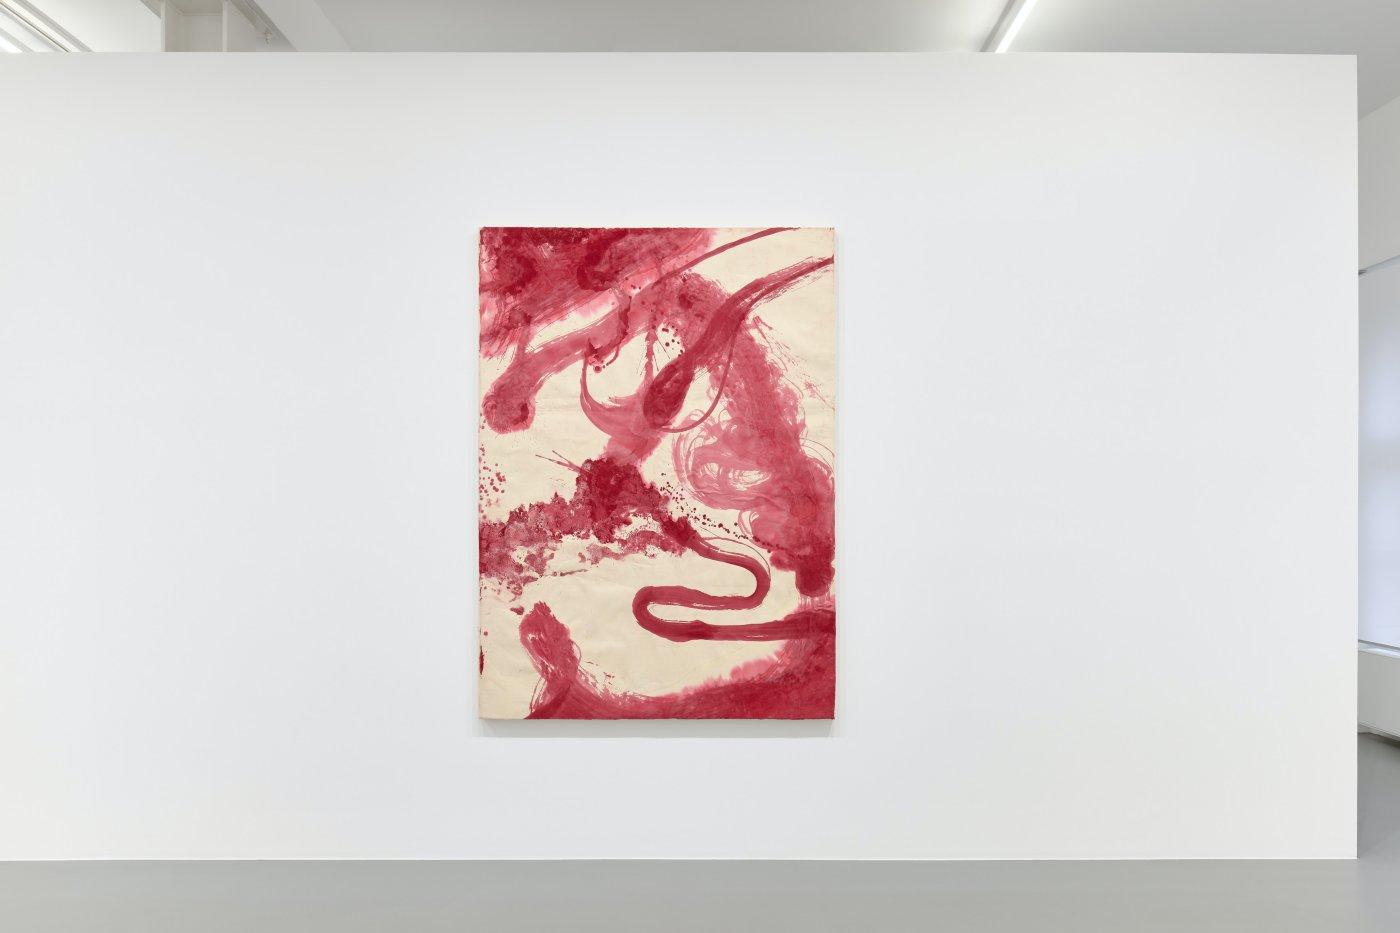 Galerie Max Hetzler Julian Schnabel 5